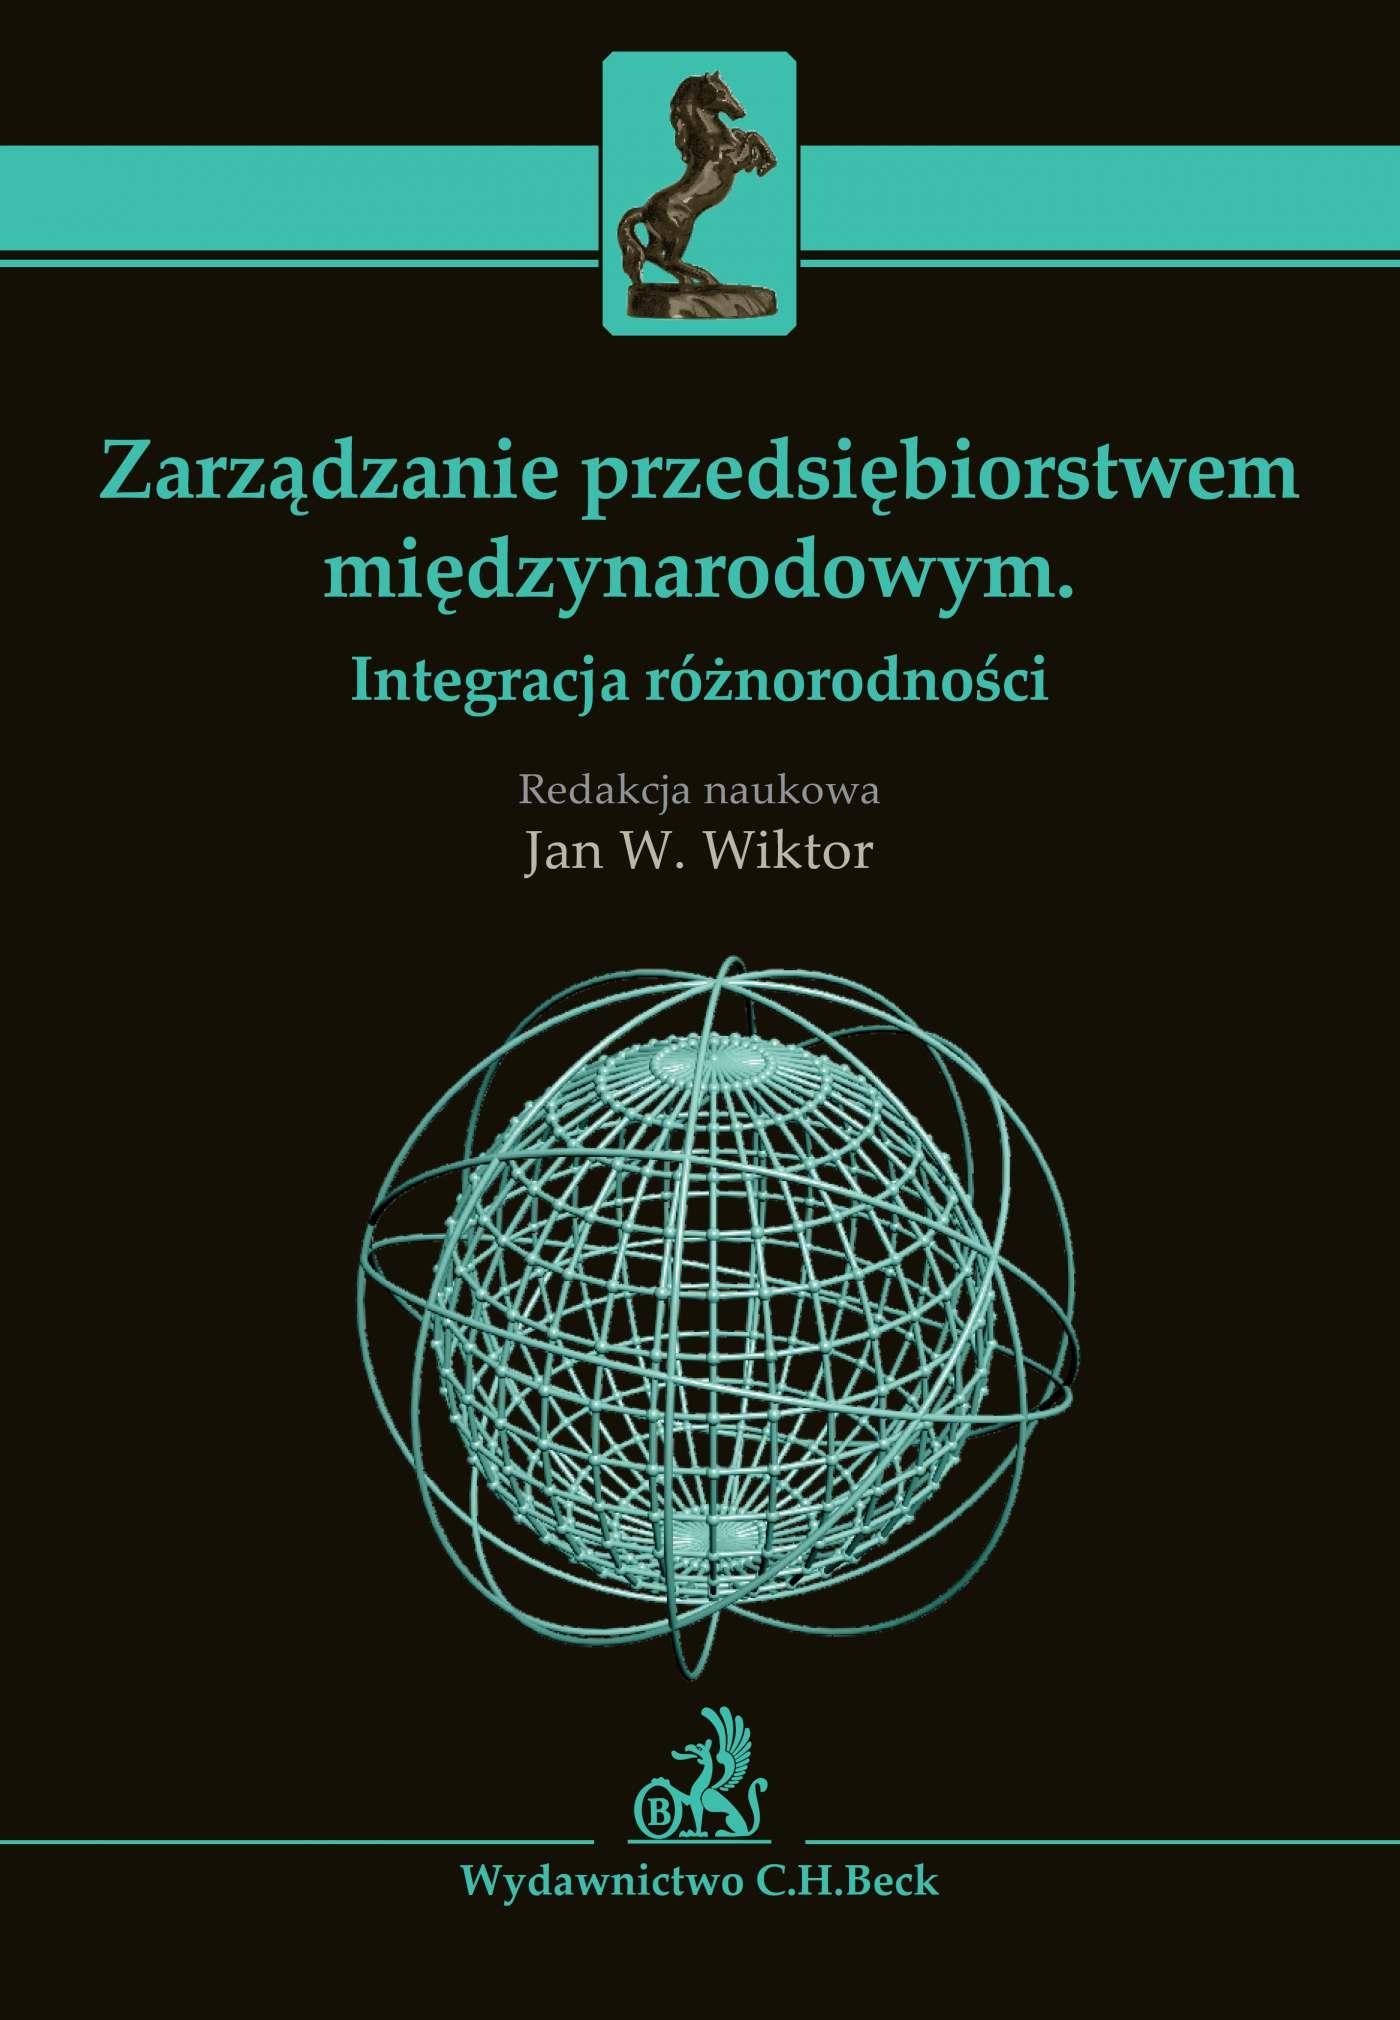 Zarządzanie przedsiębiorstwem międzynarodowym. Integracja różnorodności - Ebook (Książka PDF) do pobrania w formacie PDF